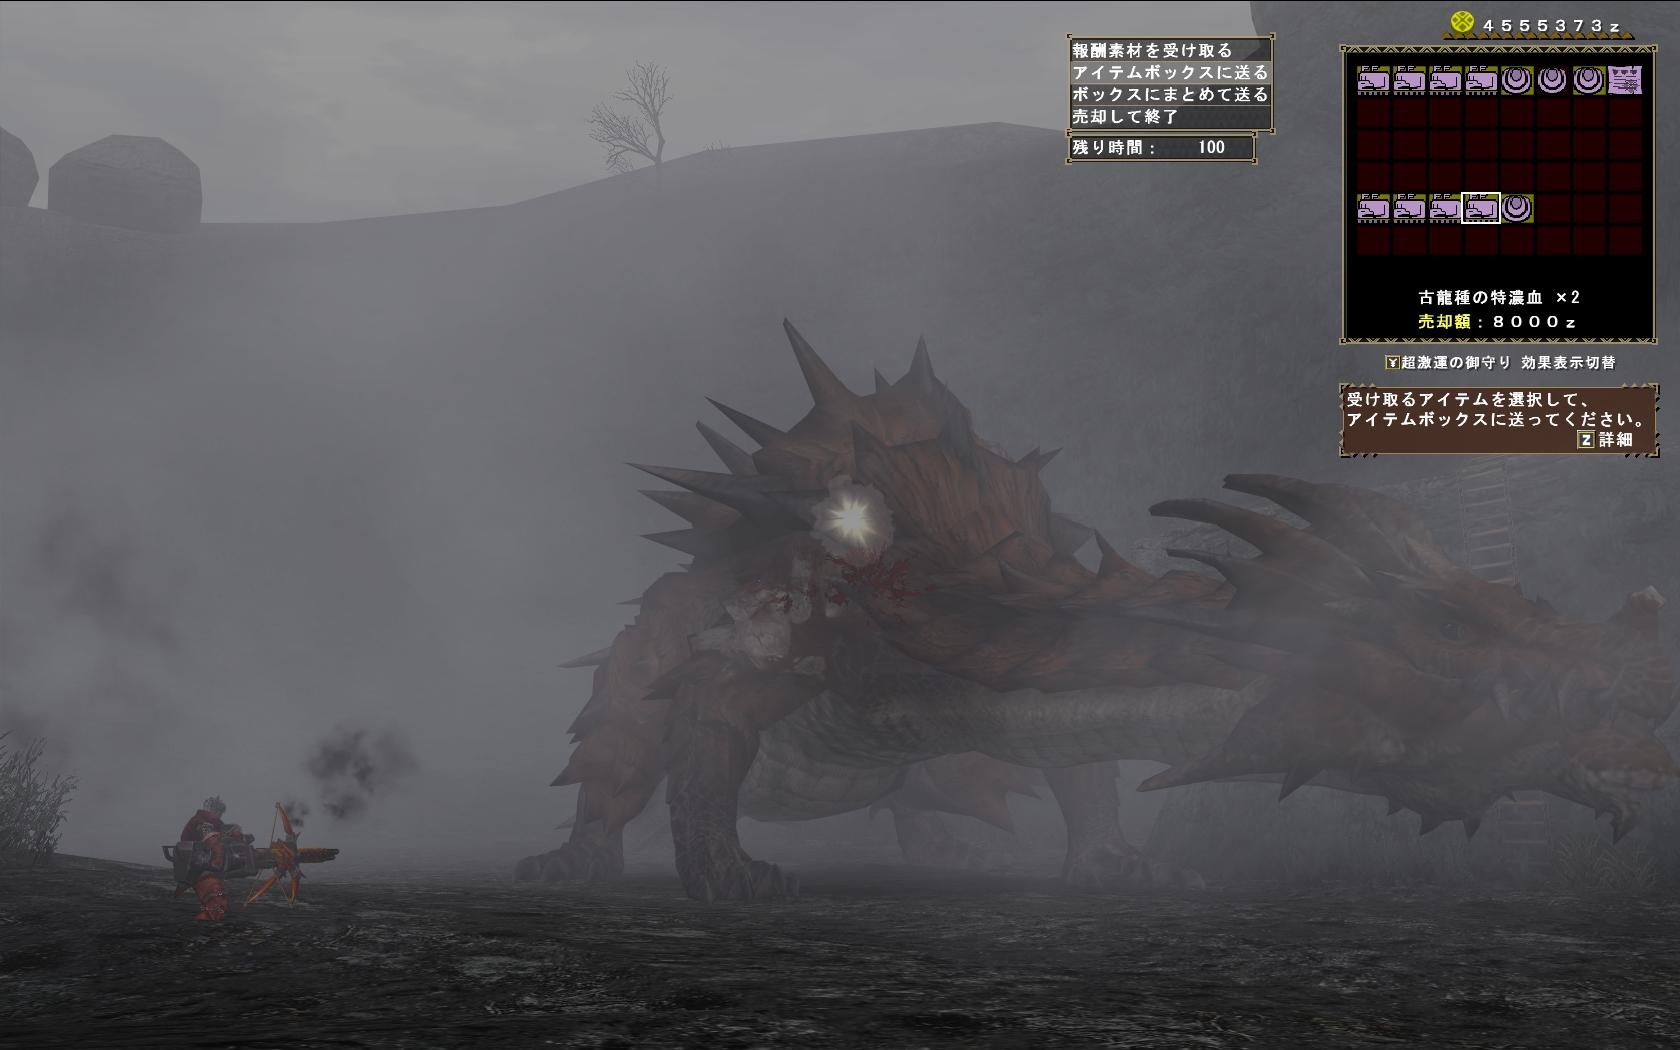 古龍種 (モンスターハンターシリーズ)の画像 p1_39